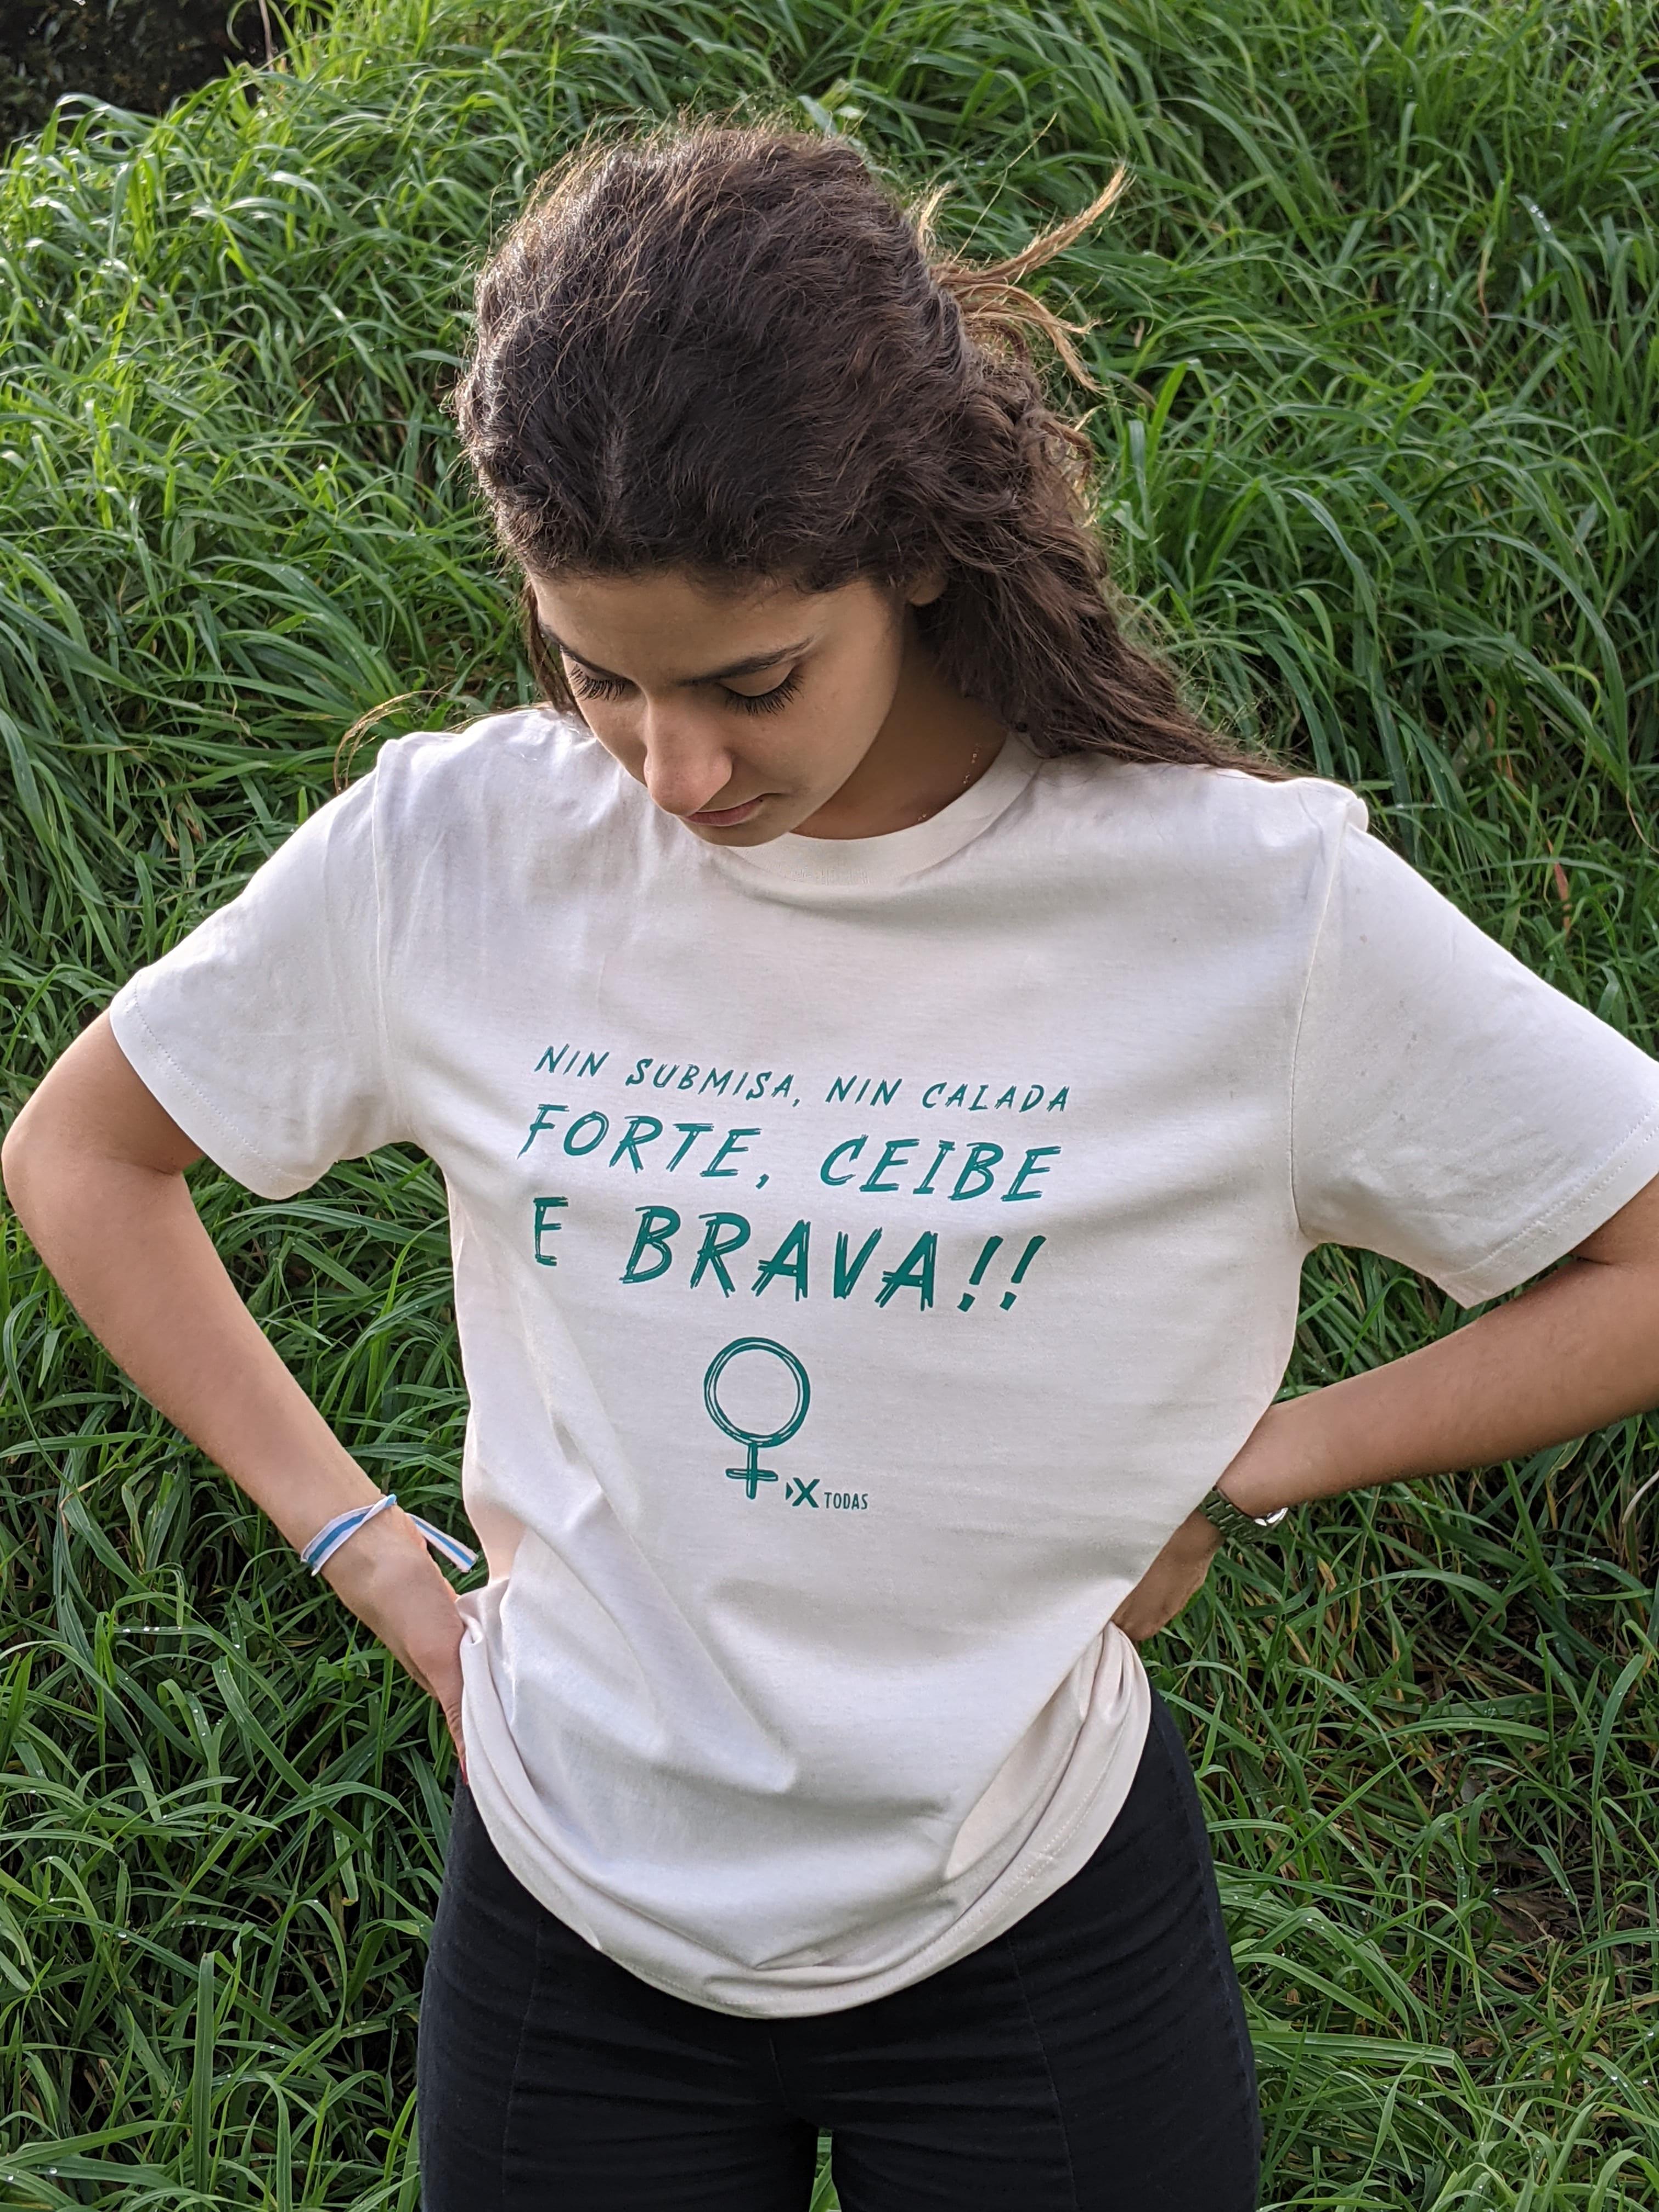 camiseta solidaria feminista